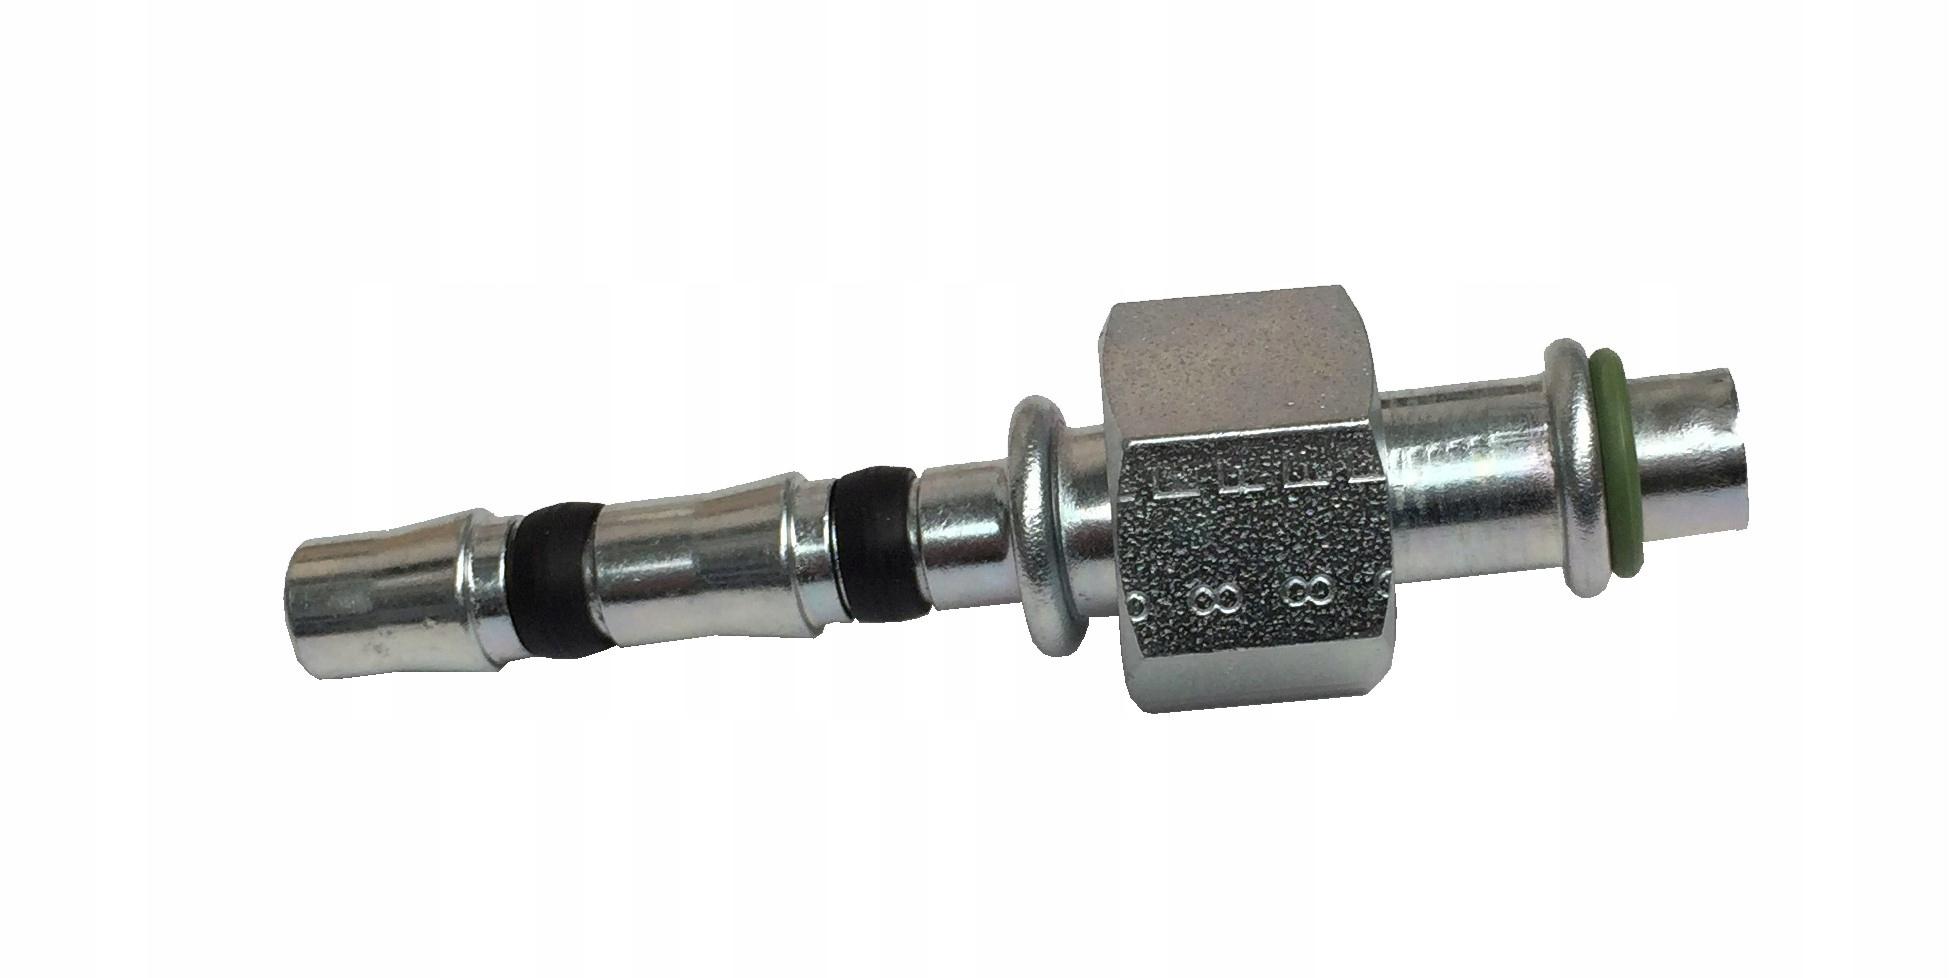 наконечник кондиционирования воздуха на шланг 8mm гайка 19